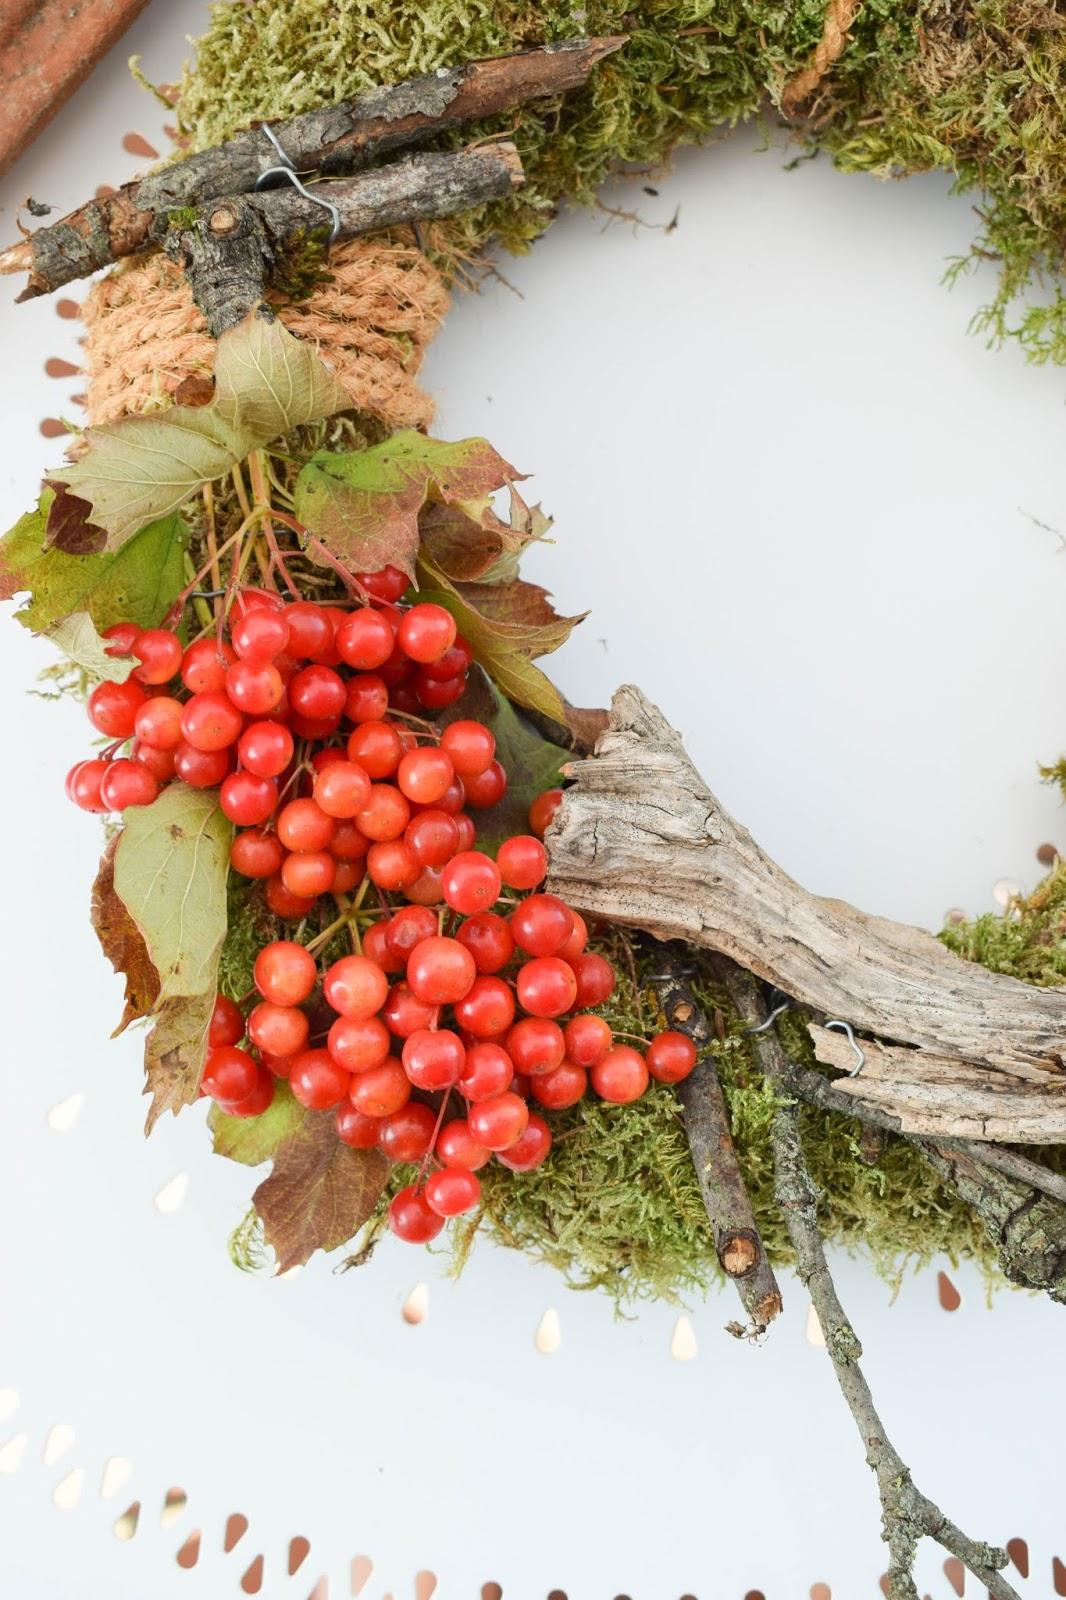 DIY Mooskranz einfach selber machen mit Moos Beeren Holz und Sisal. Naturdeko Anleitung zum Kranz binden. Dekorieren mit Natur. kreativ herbstdeko